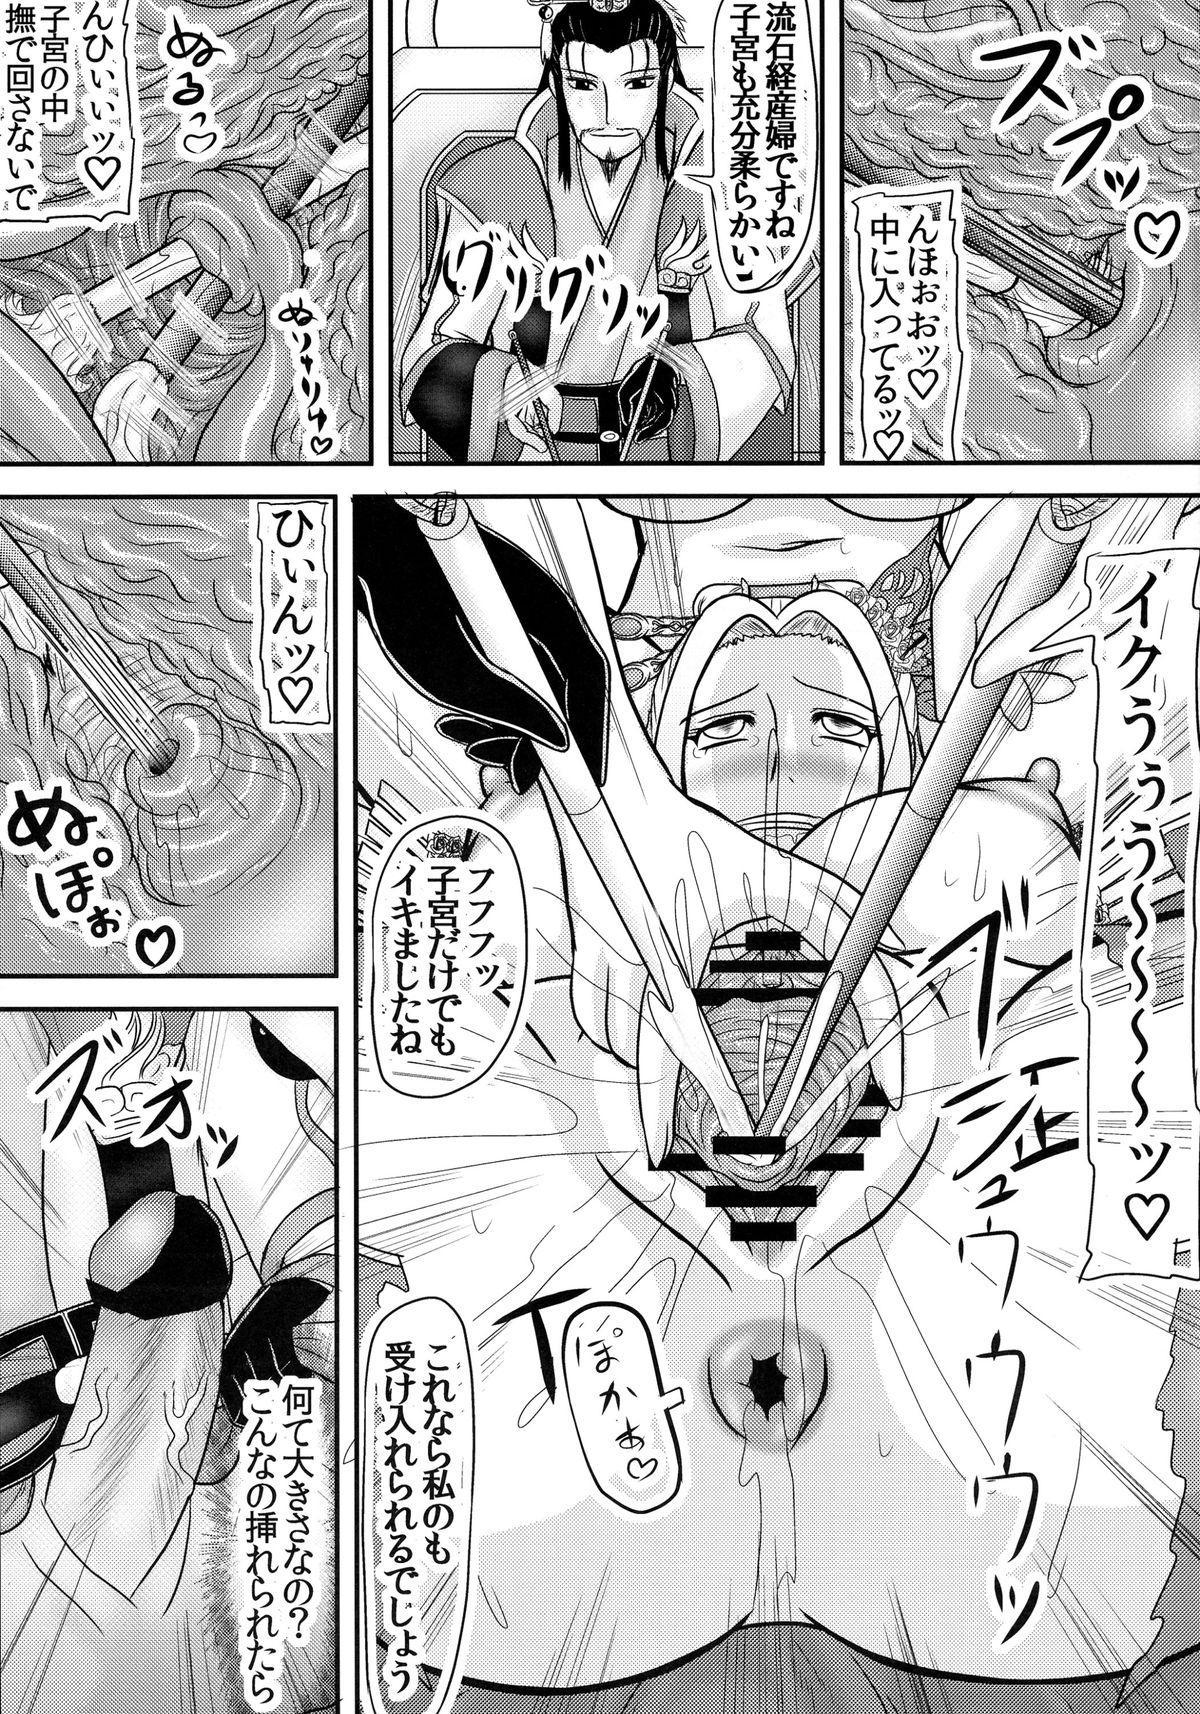 Shukuteki no ko wo Haramu Aisai 8